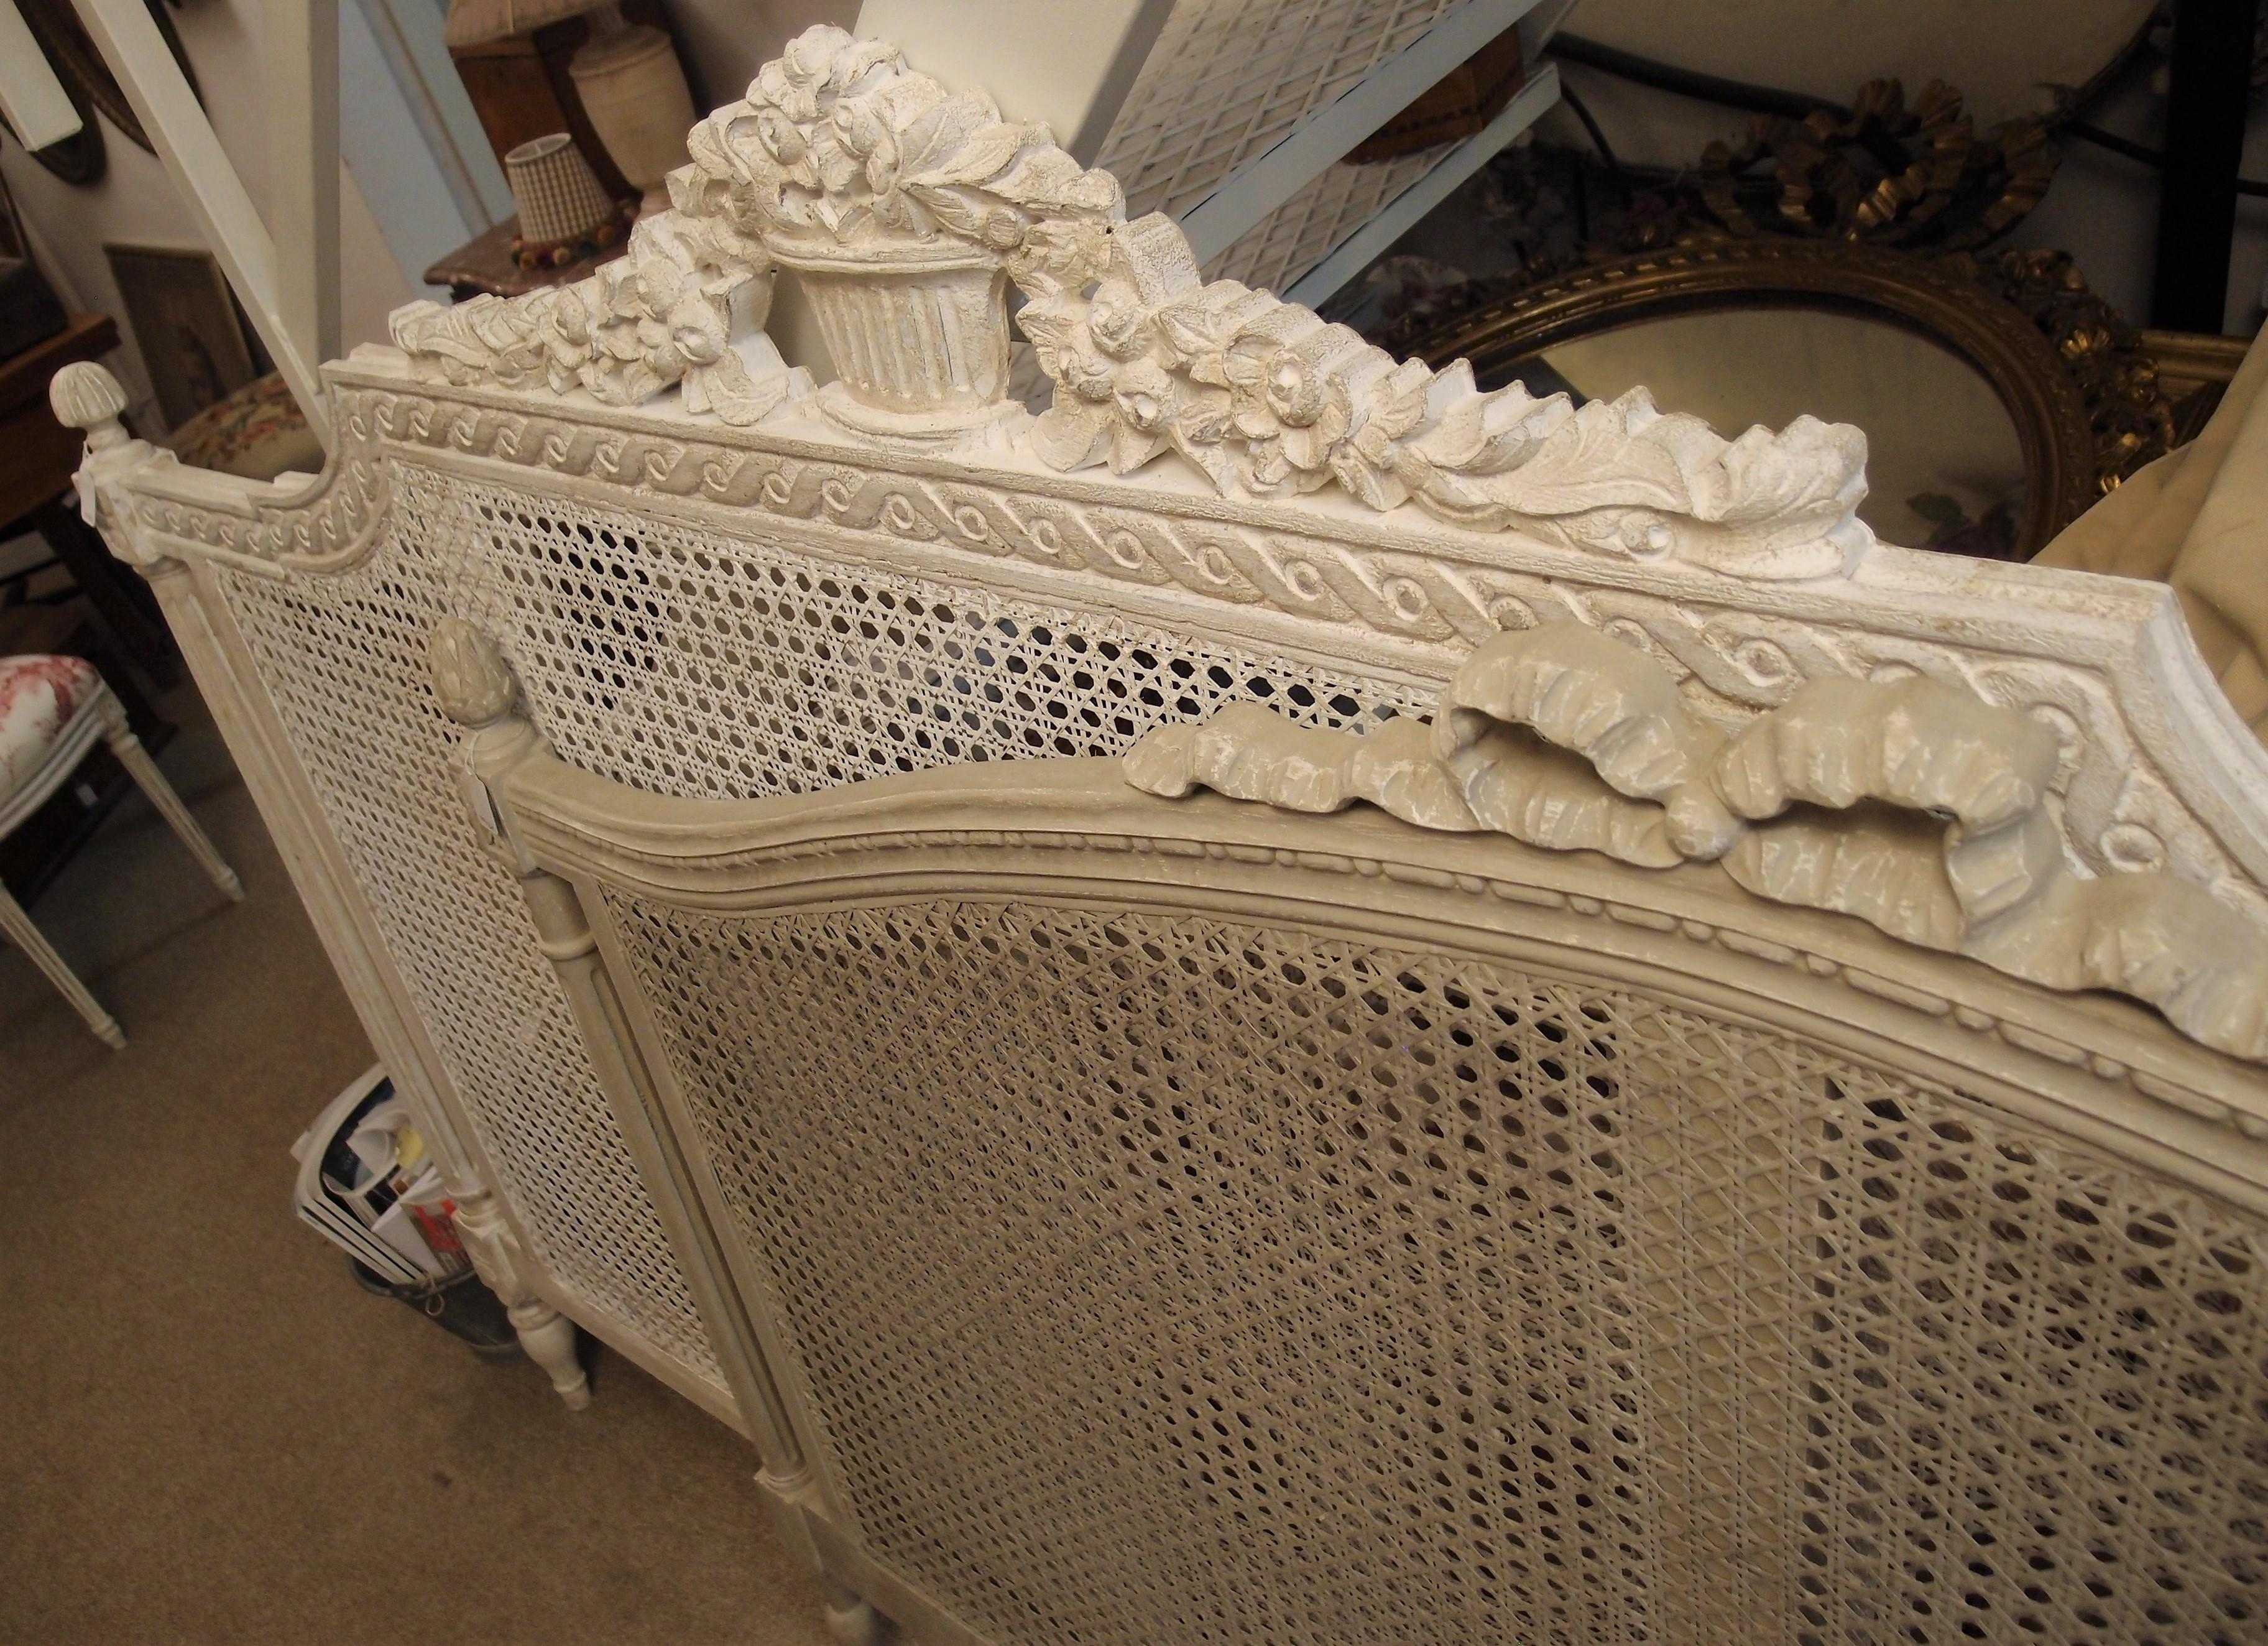 I mobili antichi francesi laccati e patinati cos freschi e chic antichit bellini - Letto di paglia ...